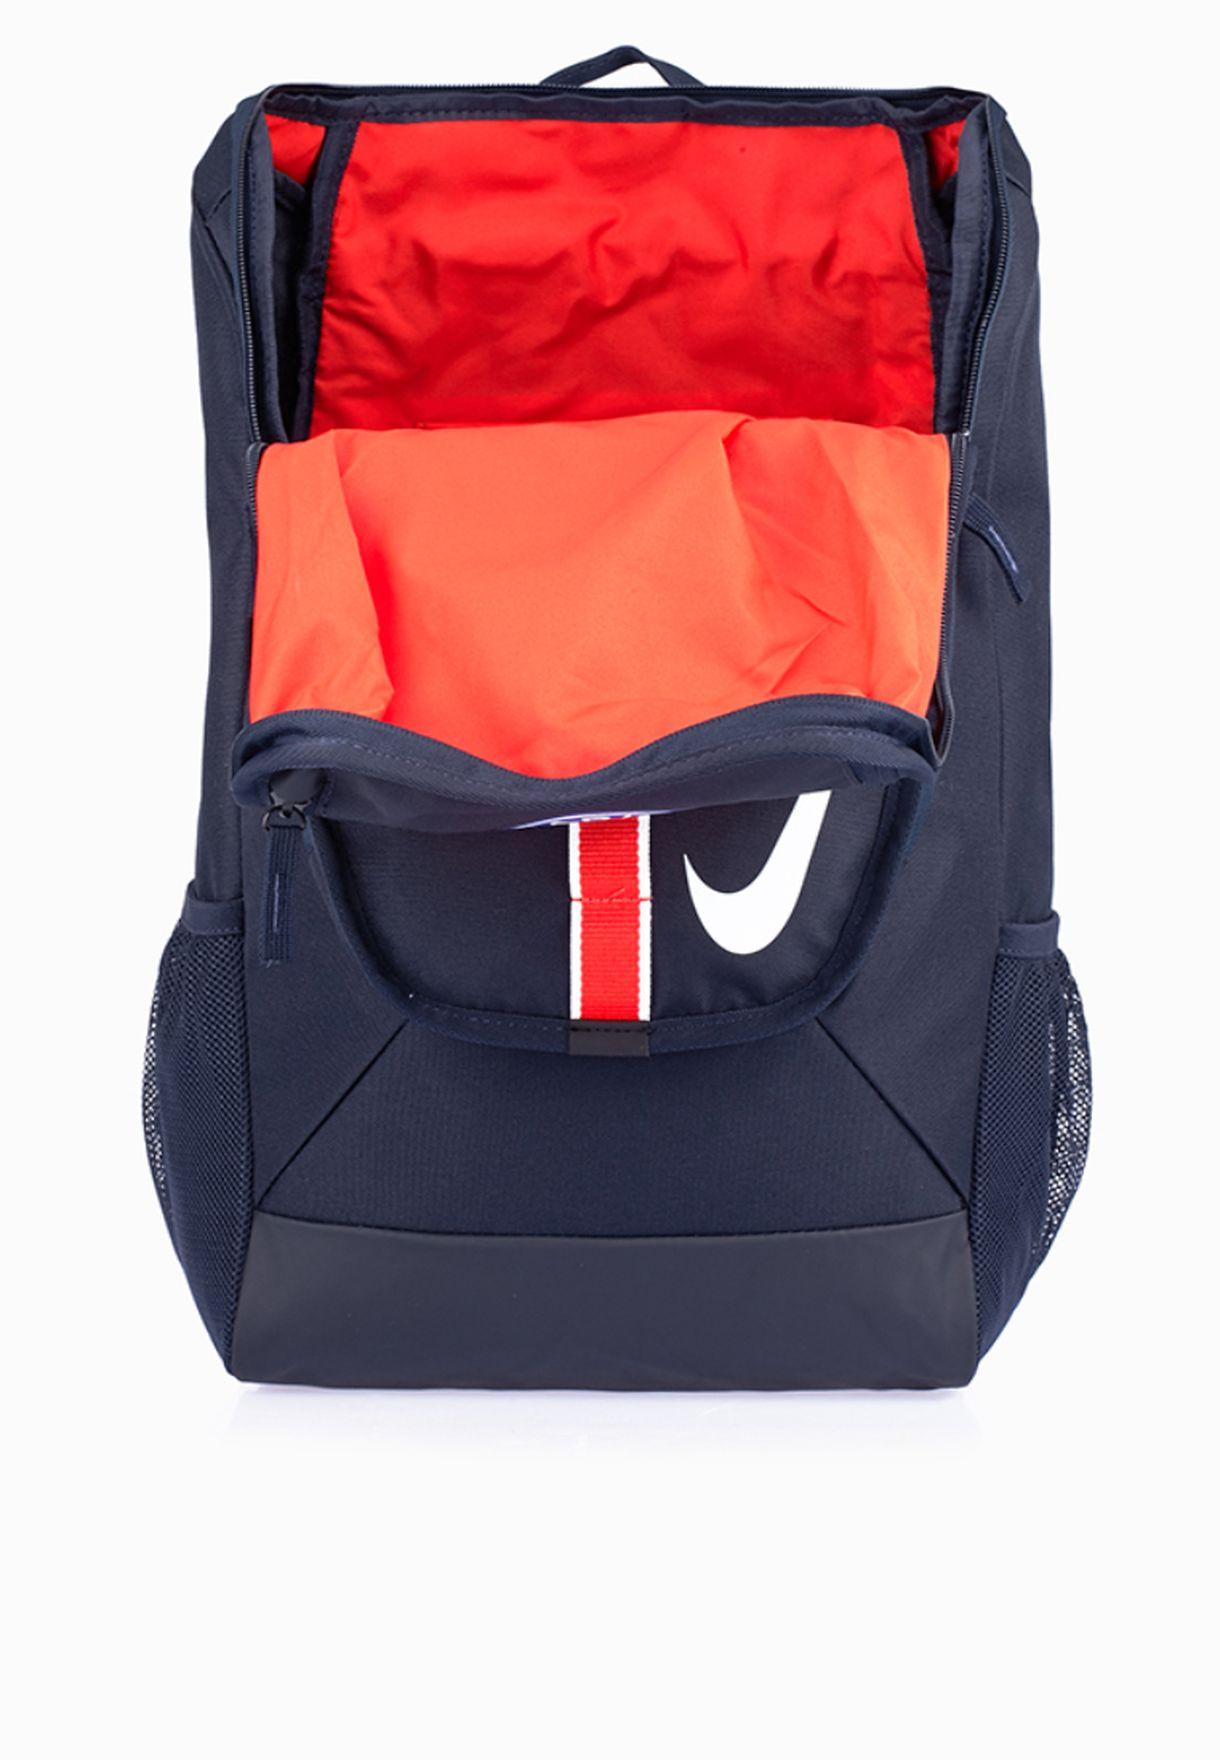 ff3bd58cc809f تسوق حقيبة ظهر ماركة نايك لون أسود BA5039-410 في السعودية - NI727AC83CQQ